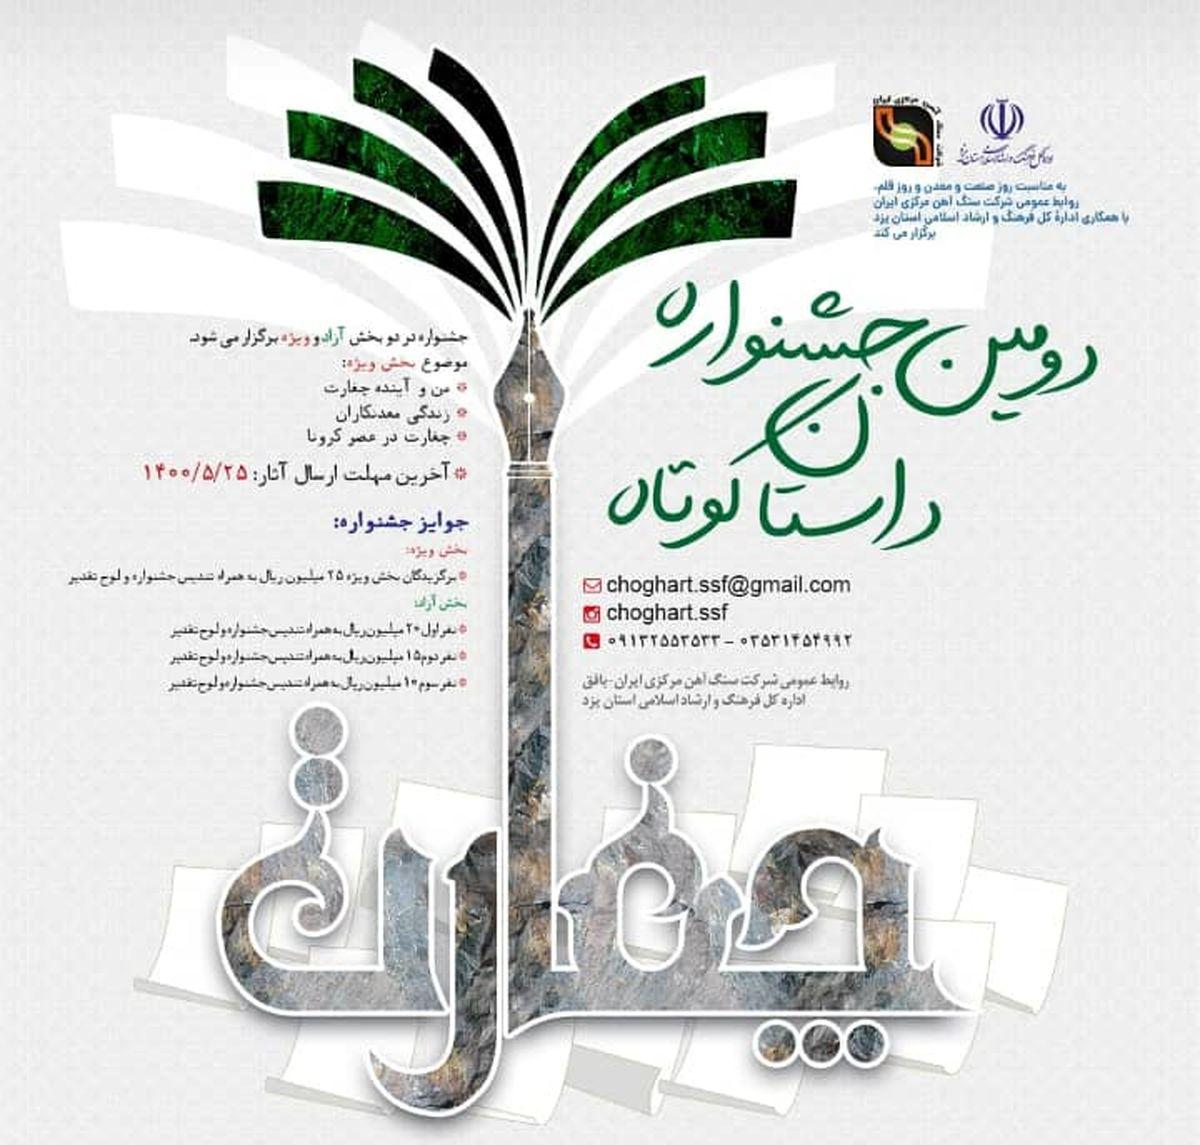 دومین جشنواره داستان کوتاه چغارت فراخوان شد